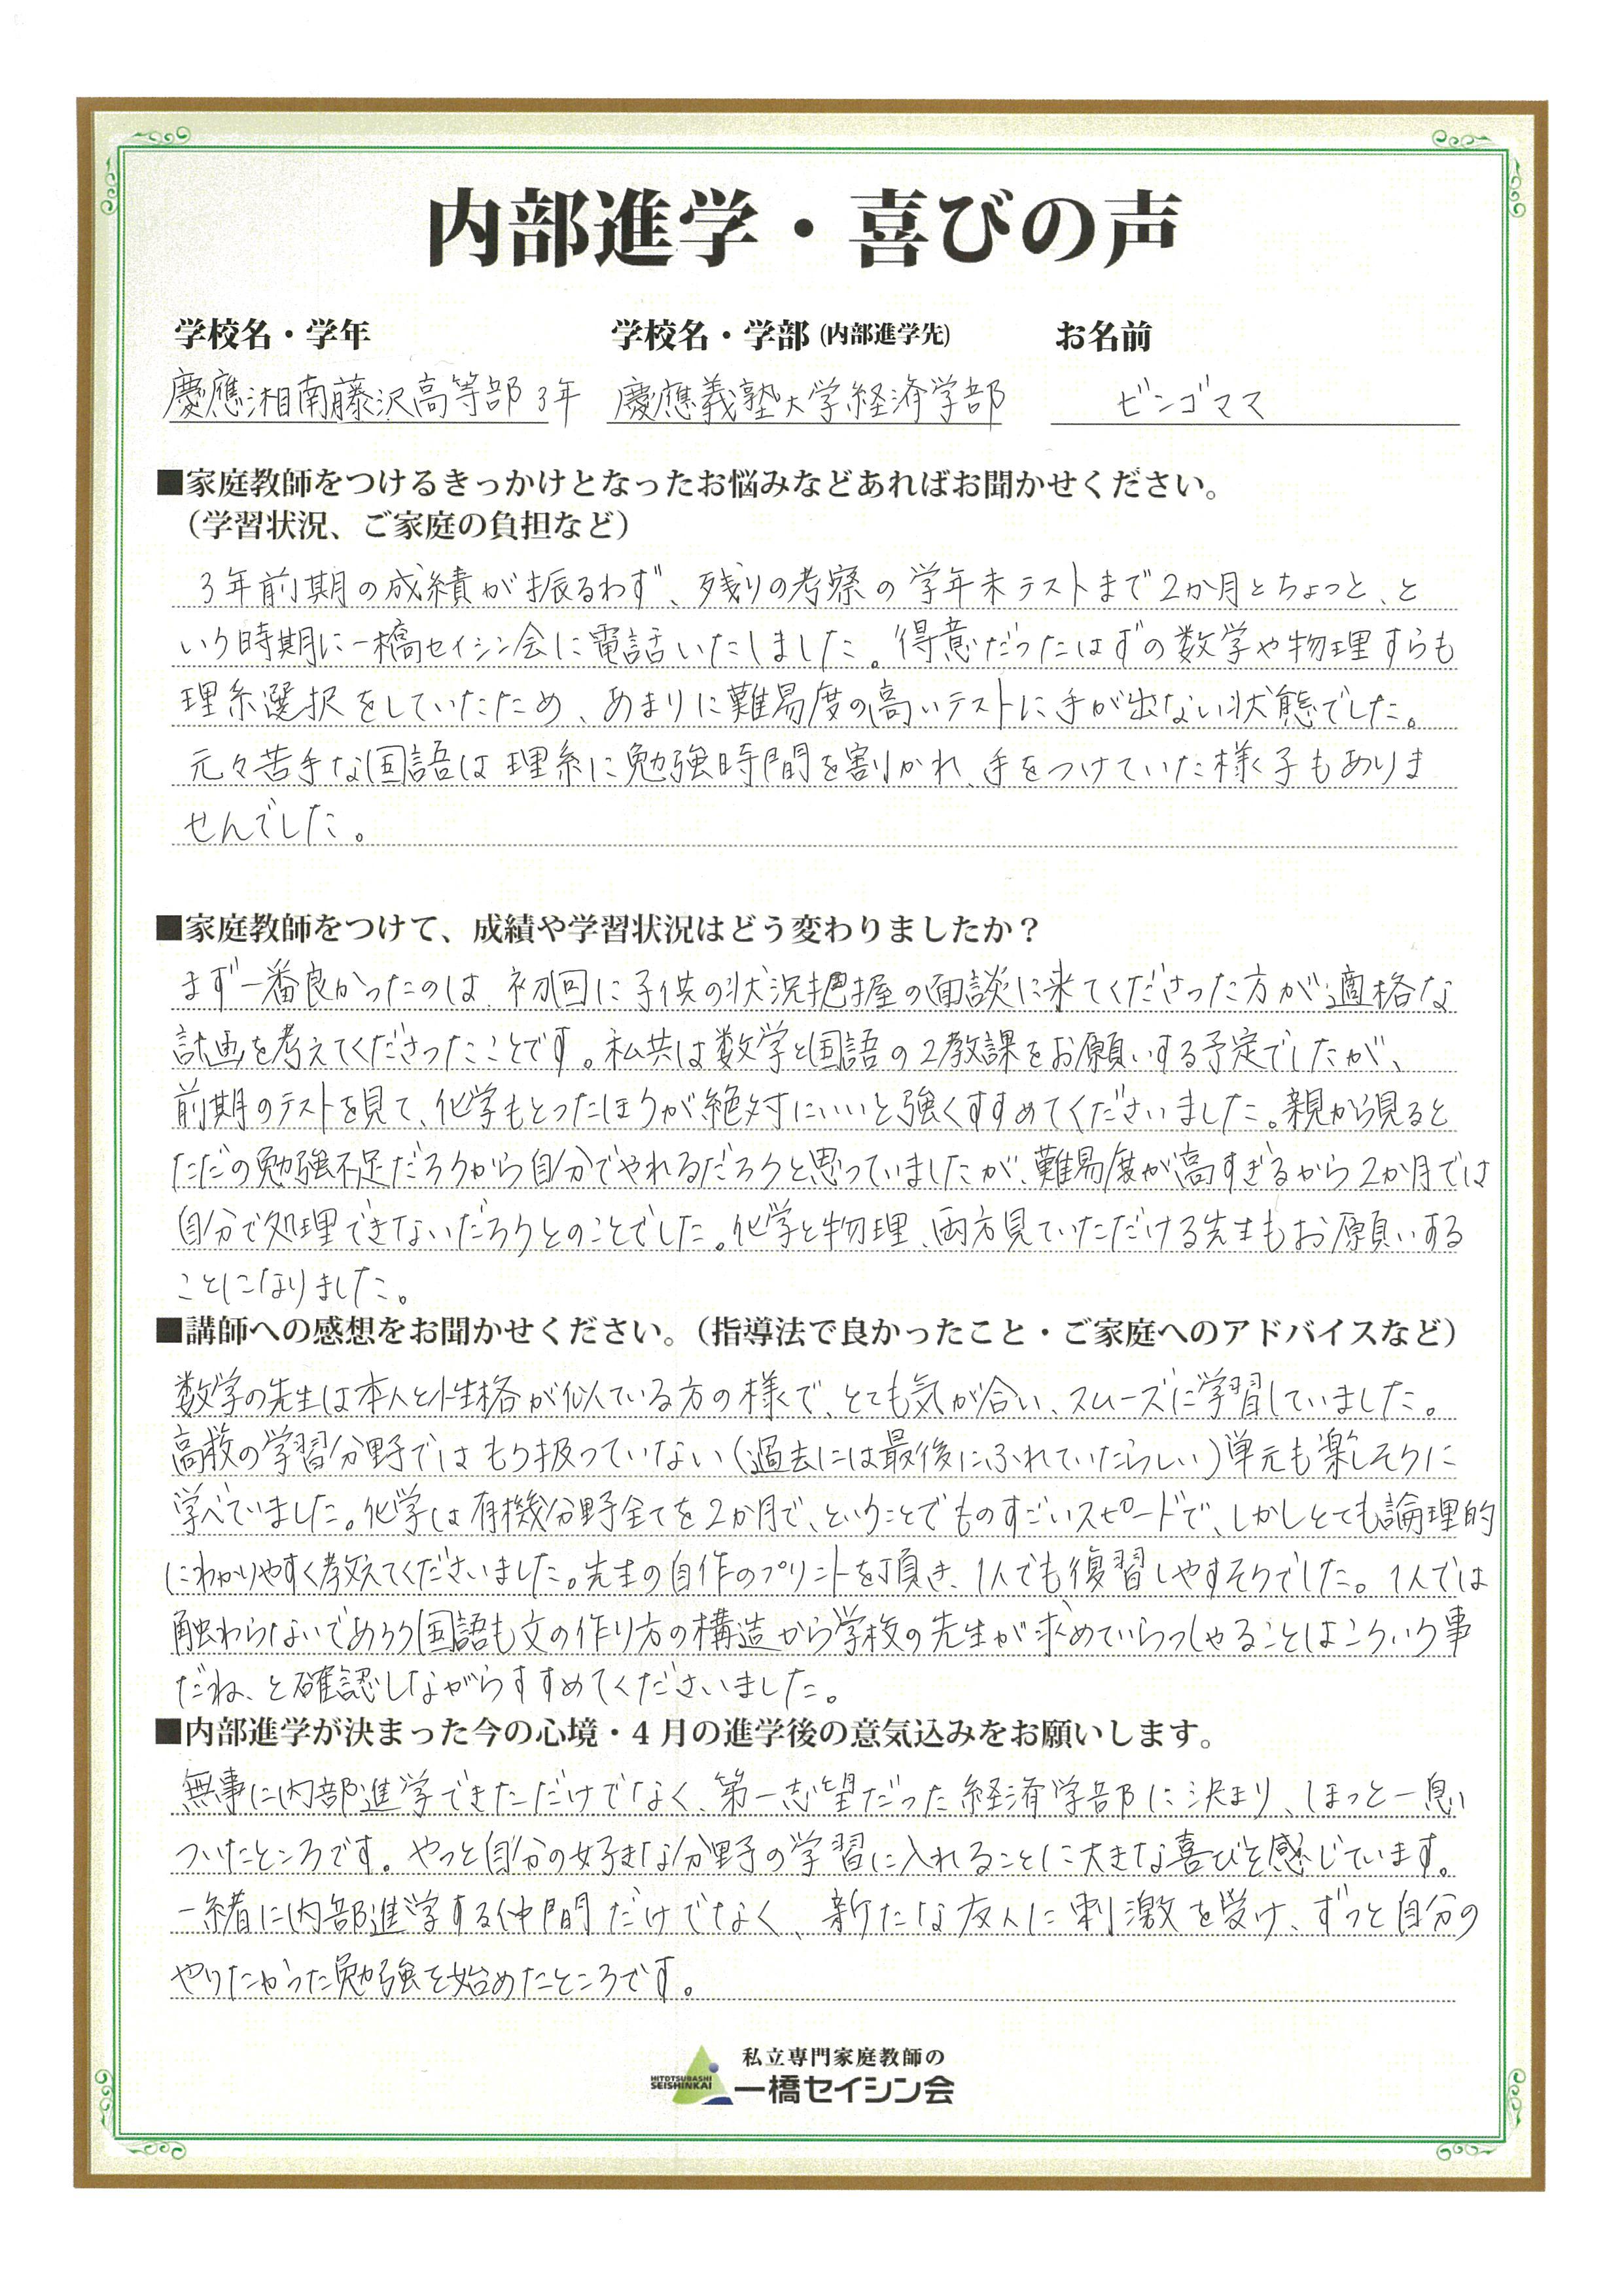 慶應湘南藤沢高等部3年→慶應義塾大学経済学部 ビンゴママさん